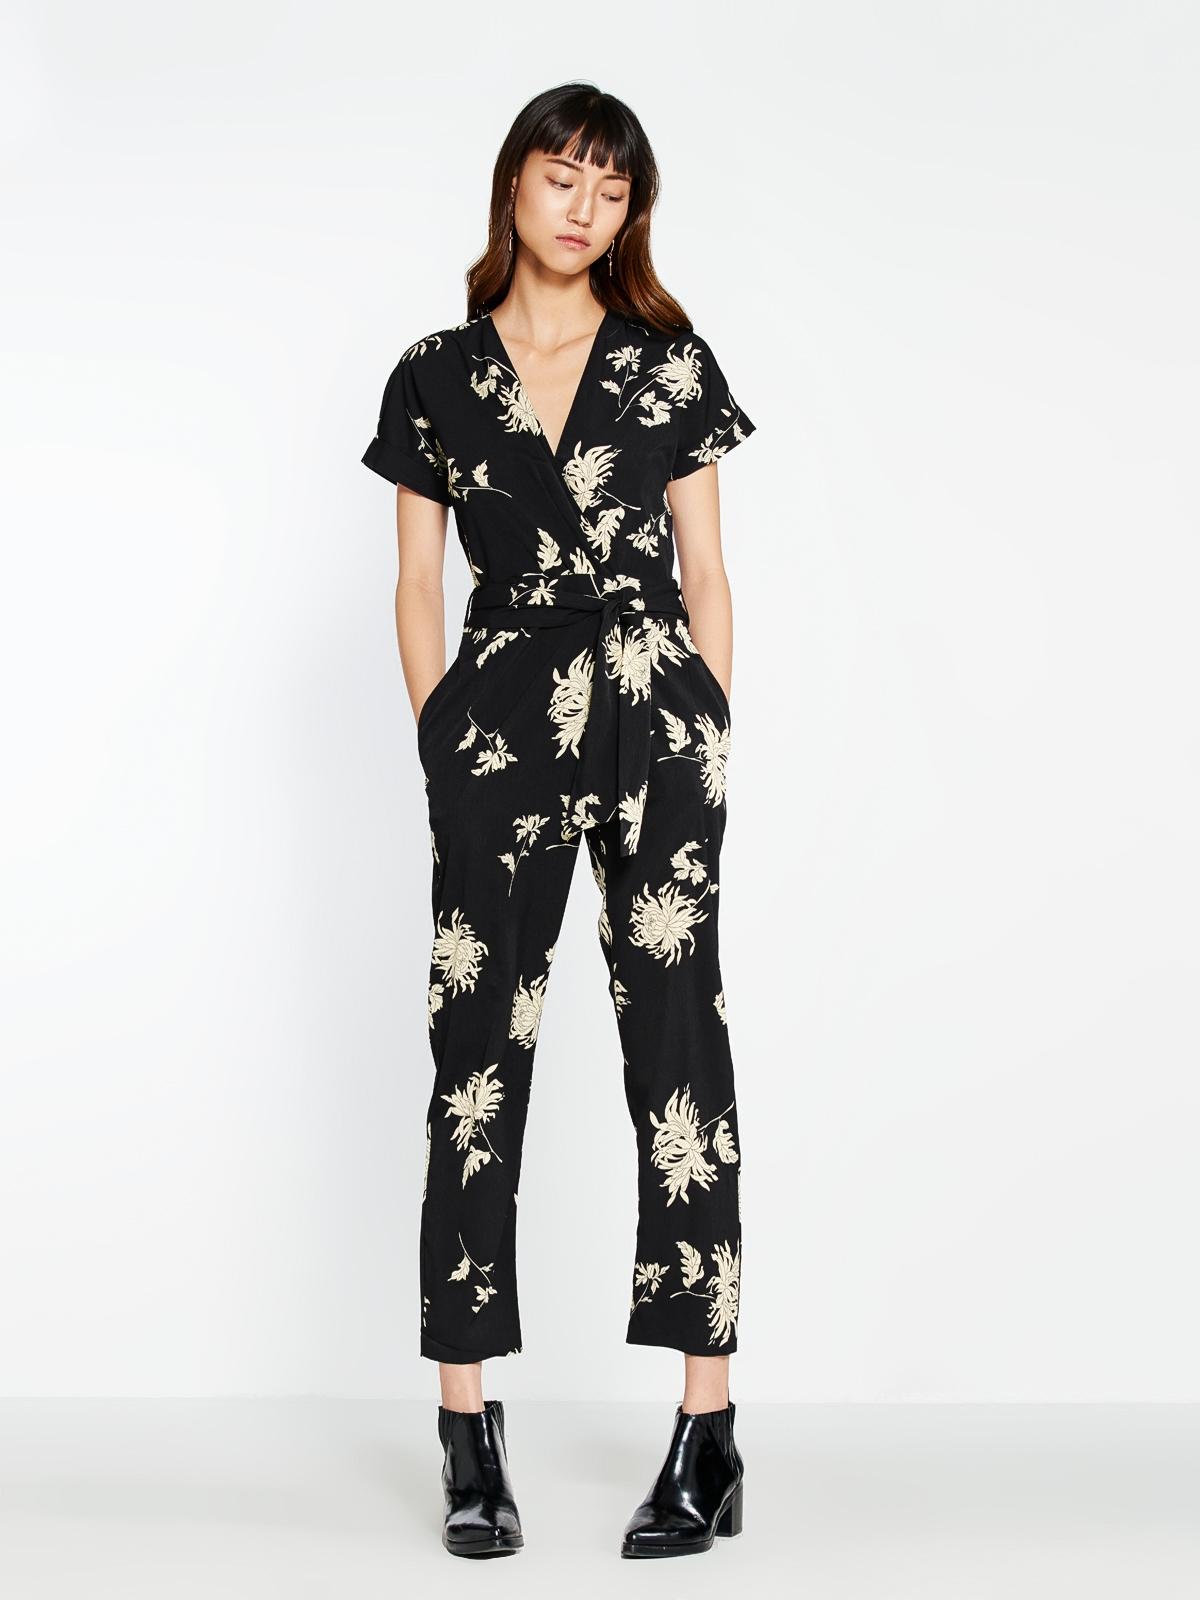 c522a2f46b7 Dora Floral Print Jumpsuit - Pomelo Fashion